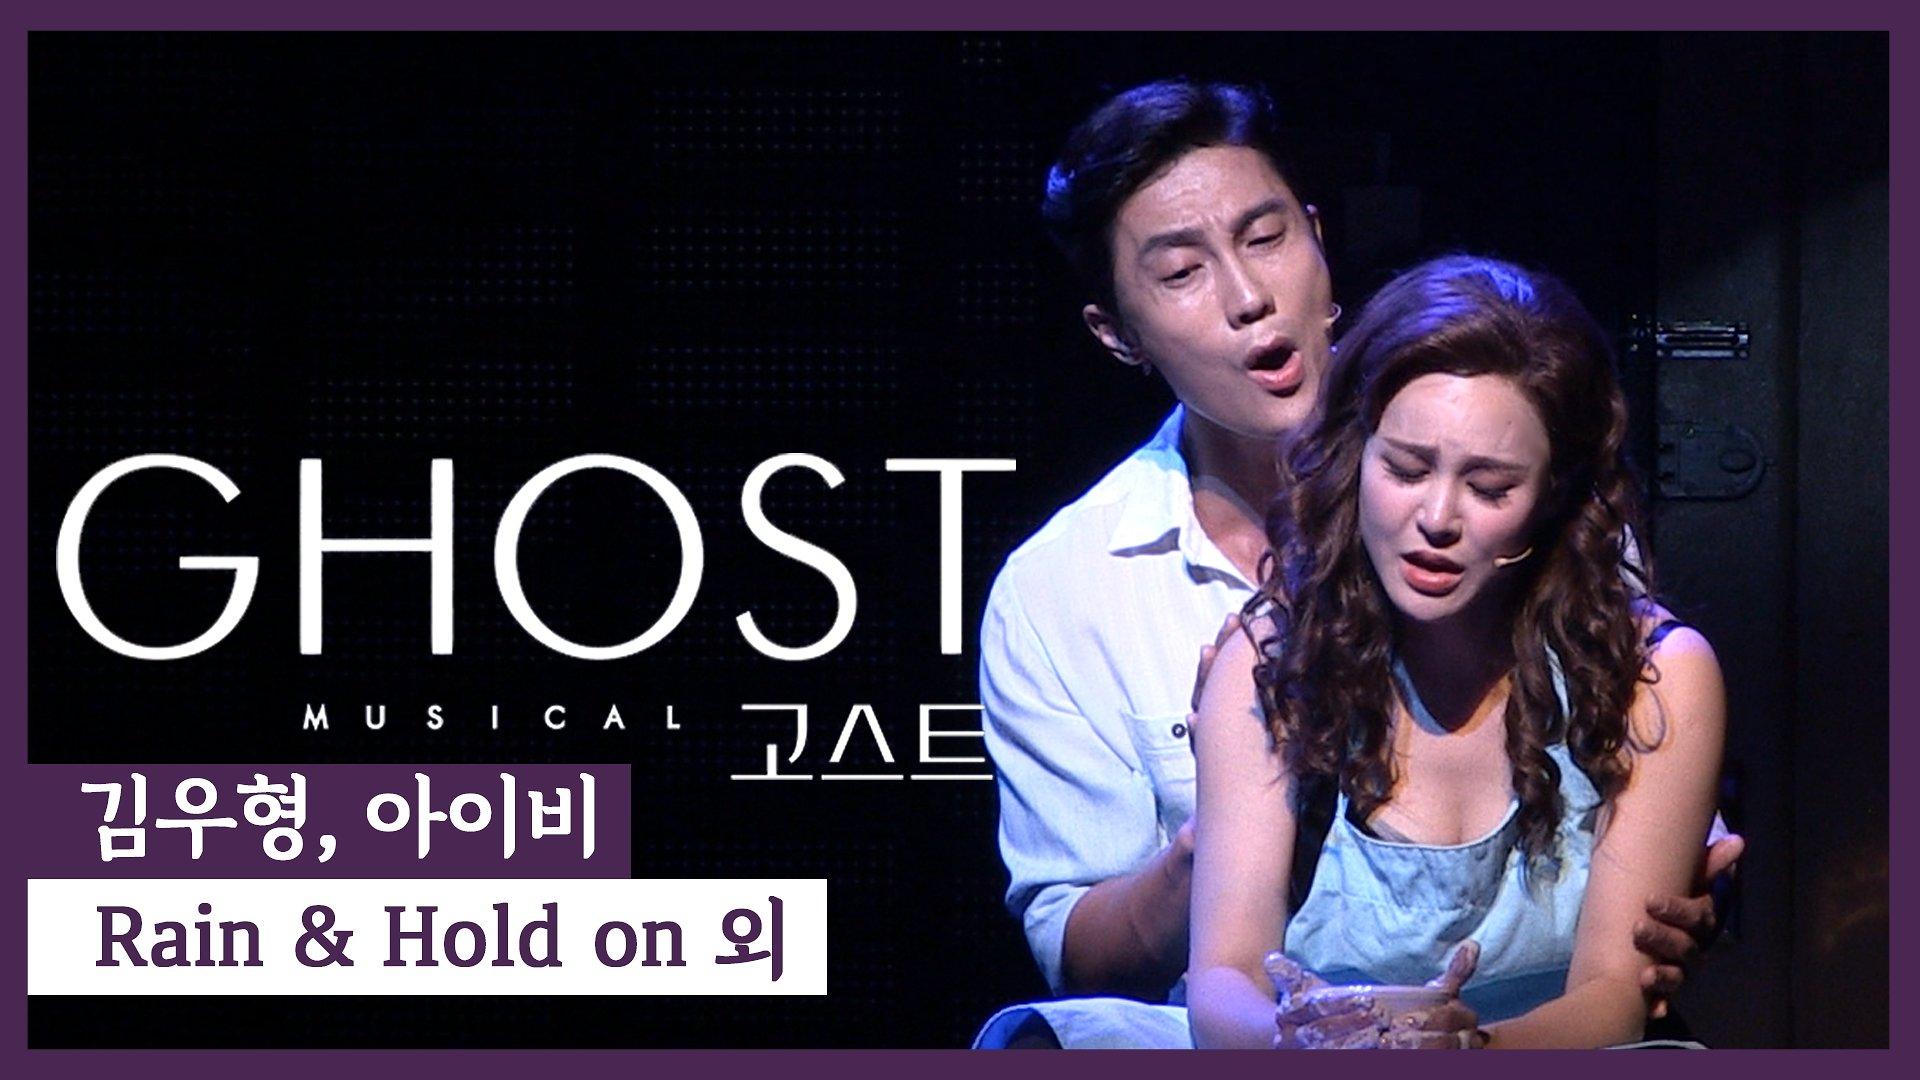 뮤지컬 '고스트' 2020 프레스콜 'Rain & Hold on' 외 - 김우형, 아이비, 최정원 외